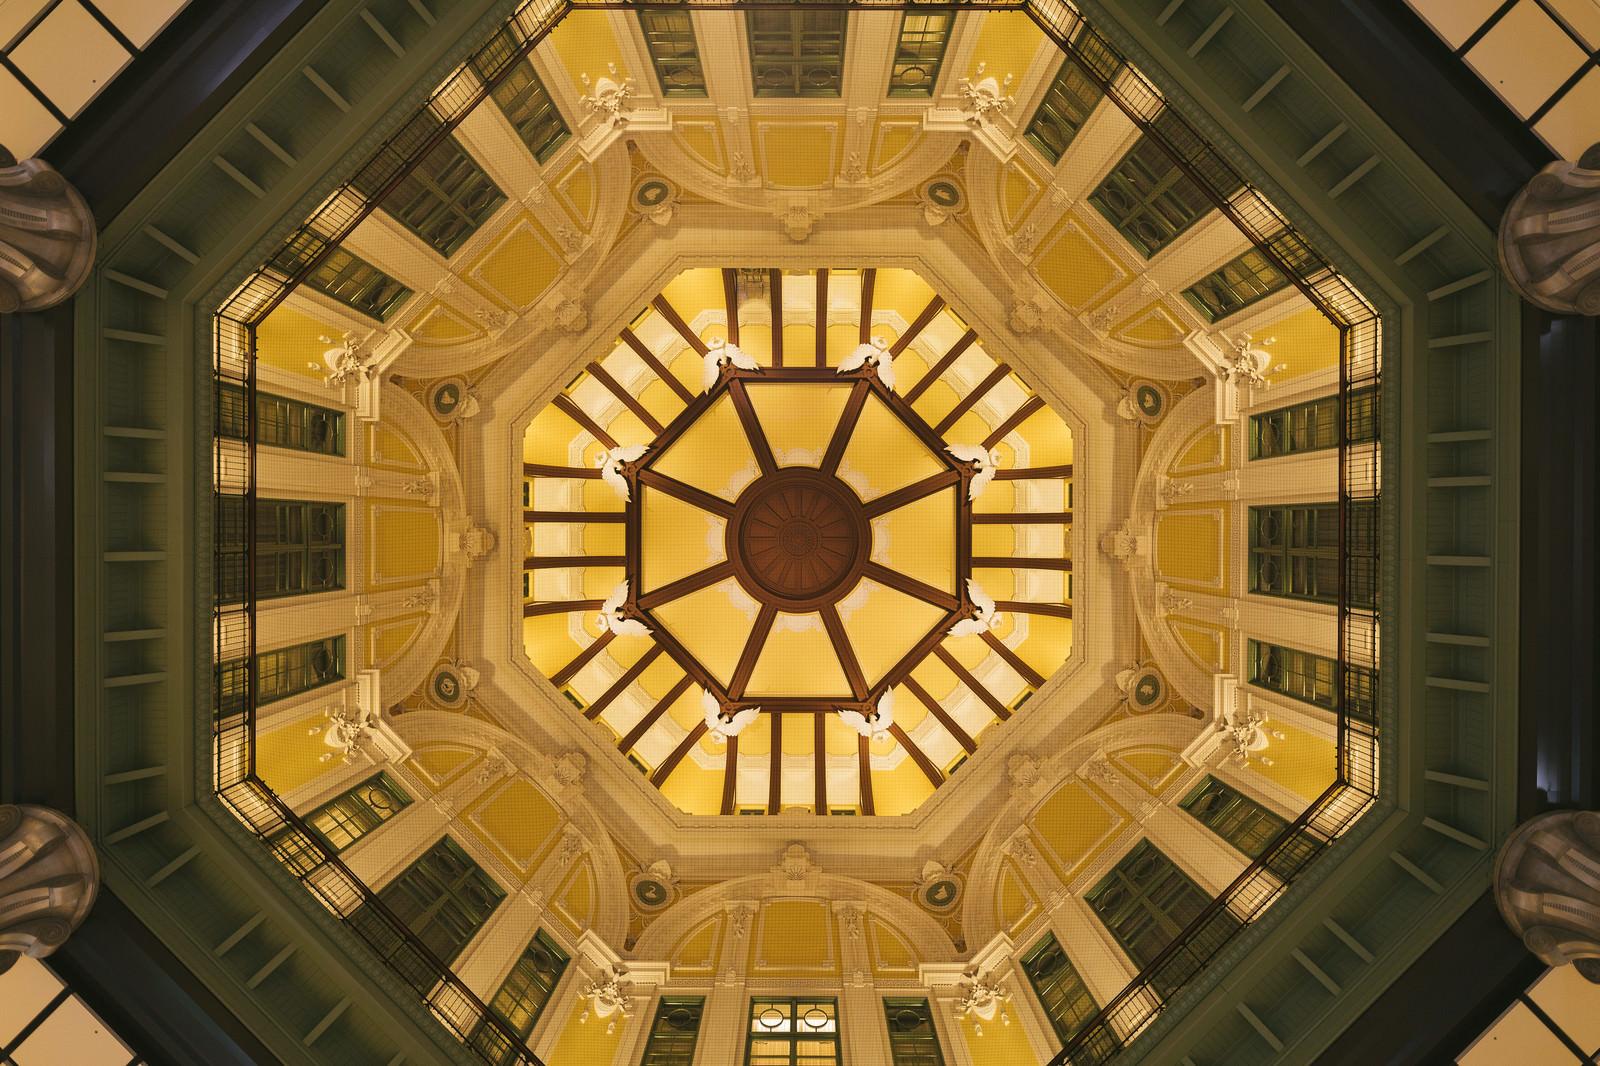 「東京駅ドーム天井の真上の様子」の写真